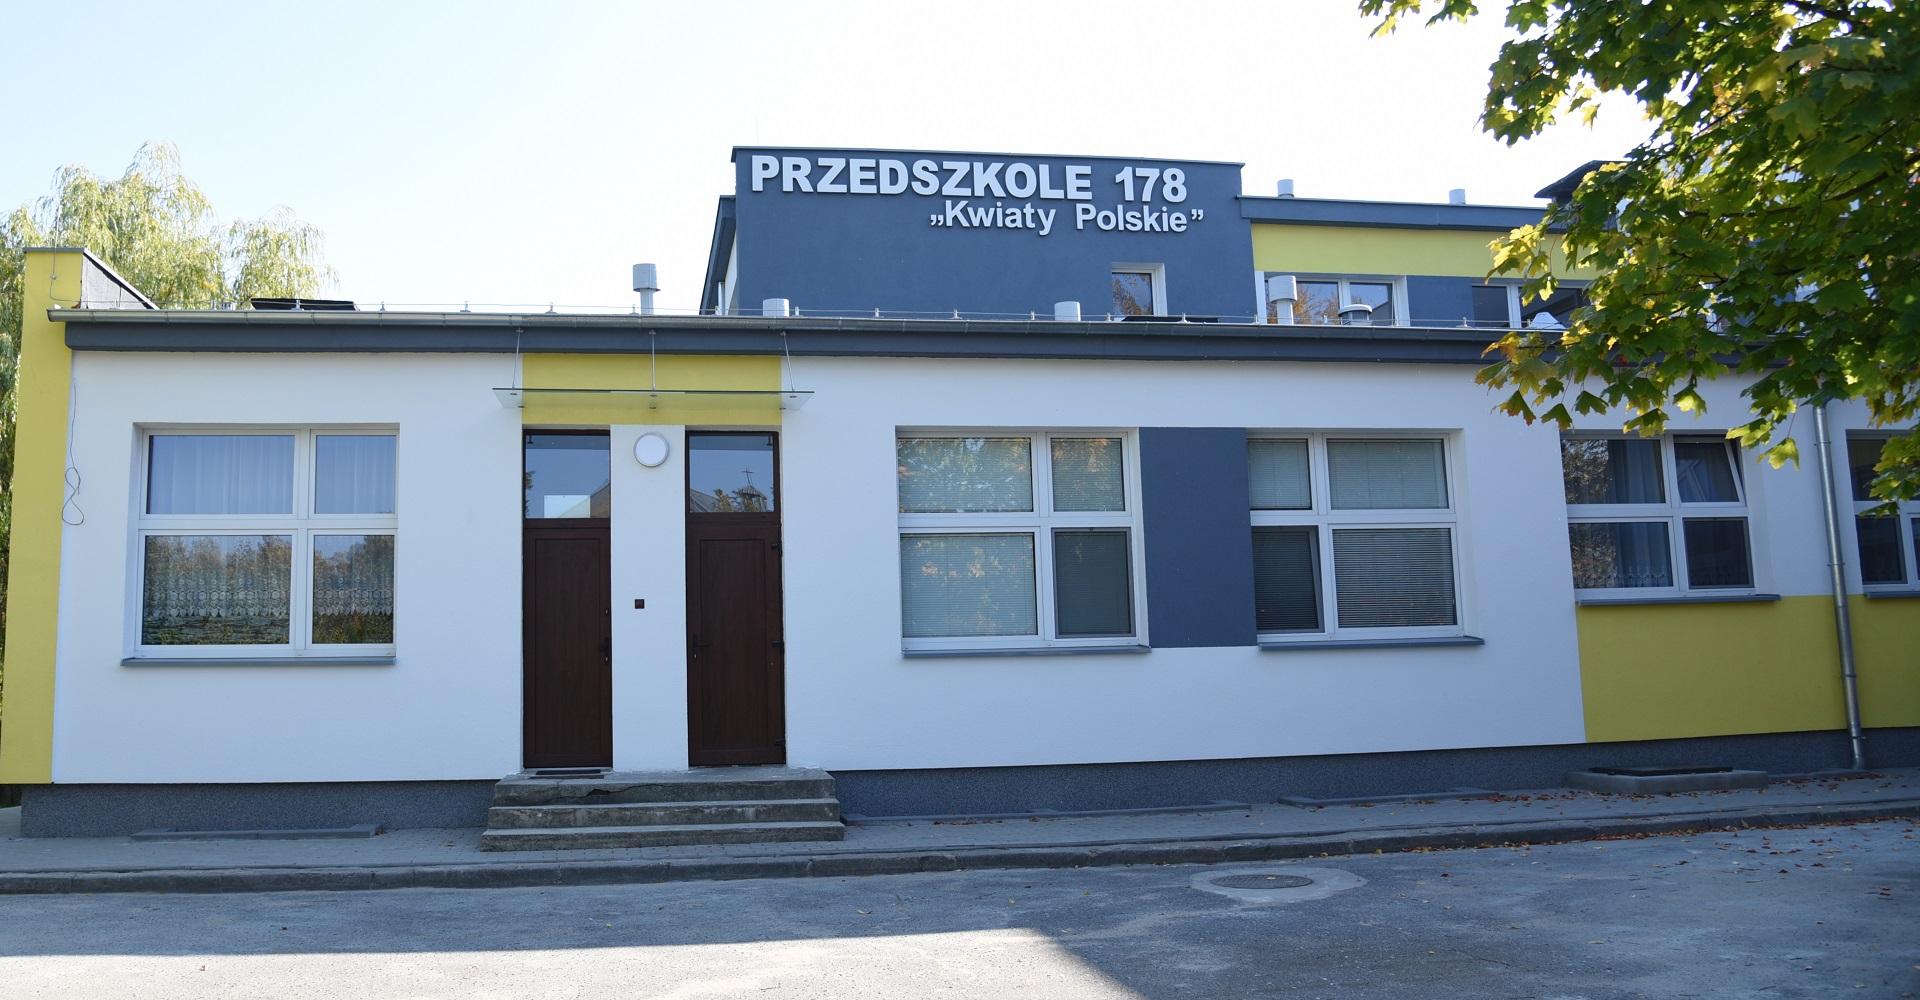 Przedszkole Kwiaty Polskie Wypieknialo Aktualnosci Info Poznan Pl